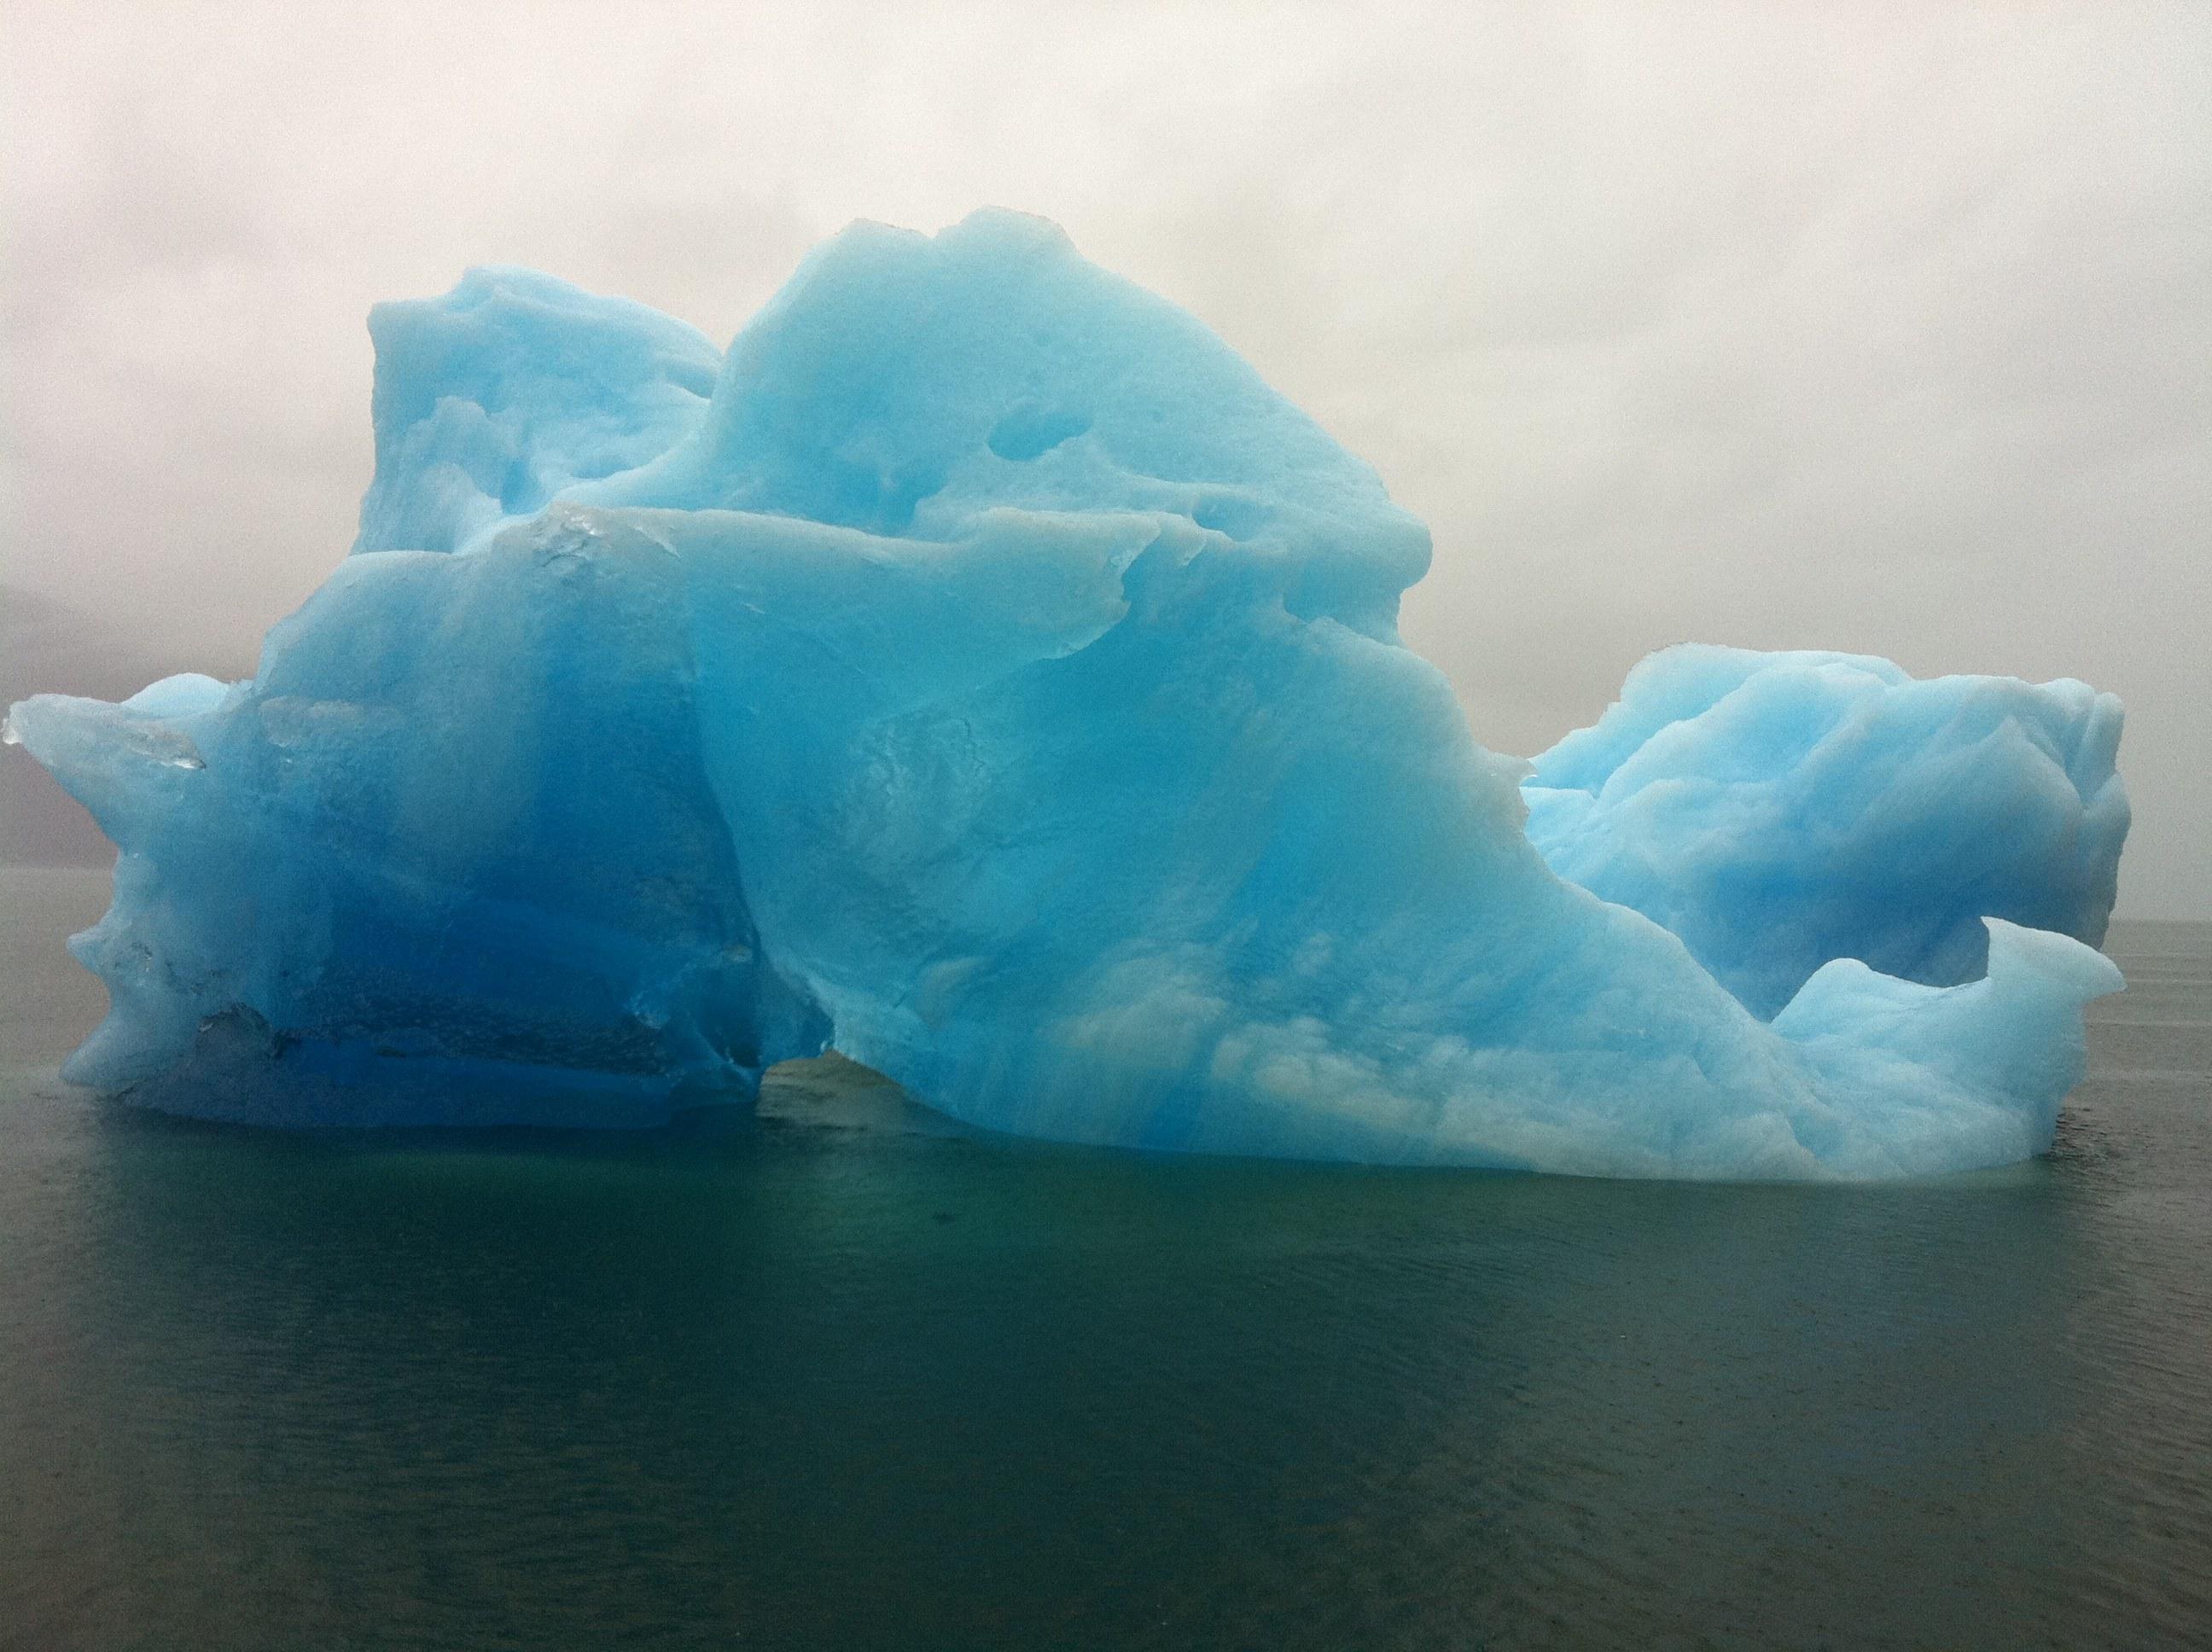 2011-10-08-icebergsmaller.jpg